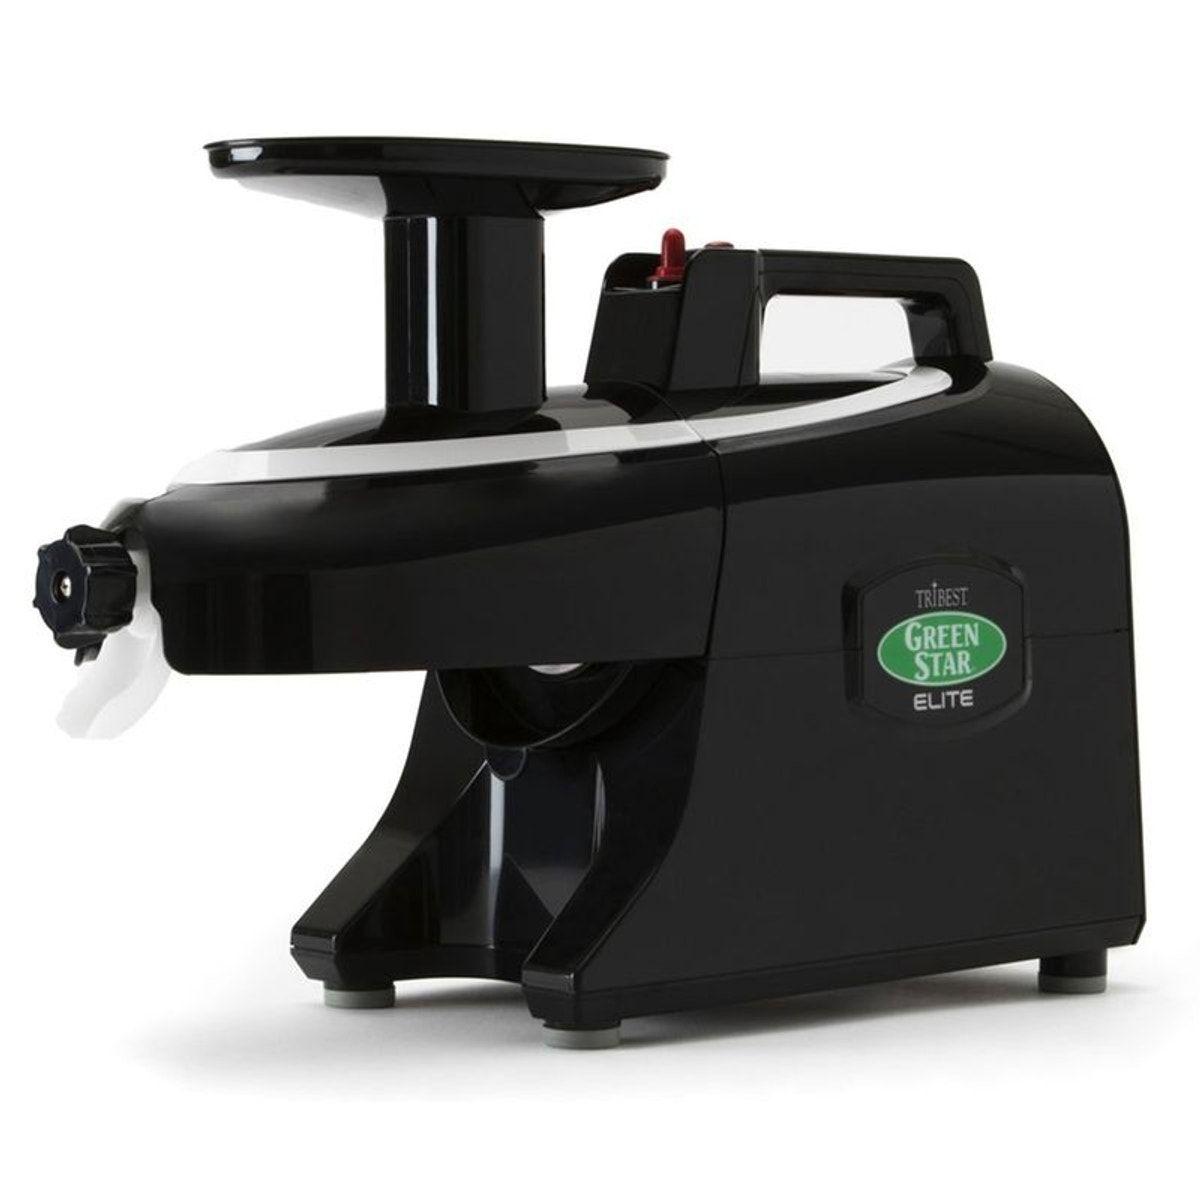 Tribest Greenstar Elite Gse5010 Noir Extracteur De Jus